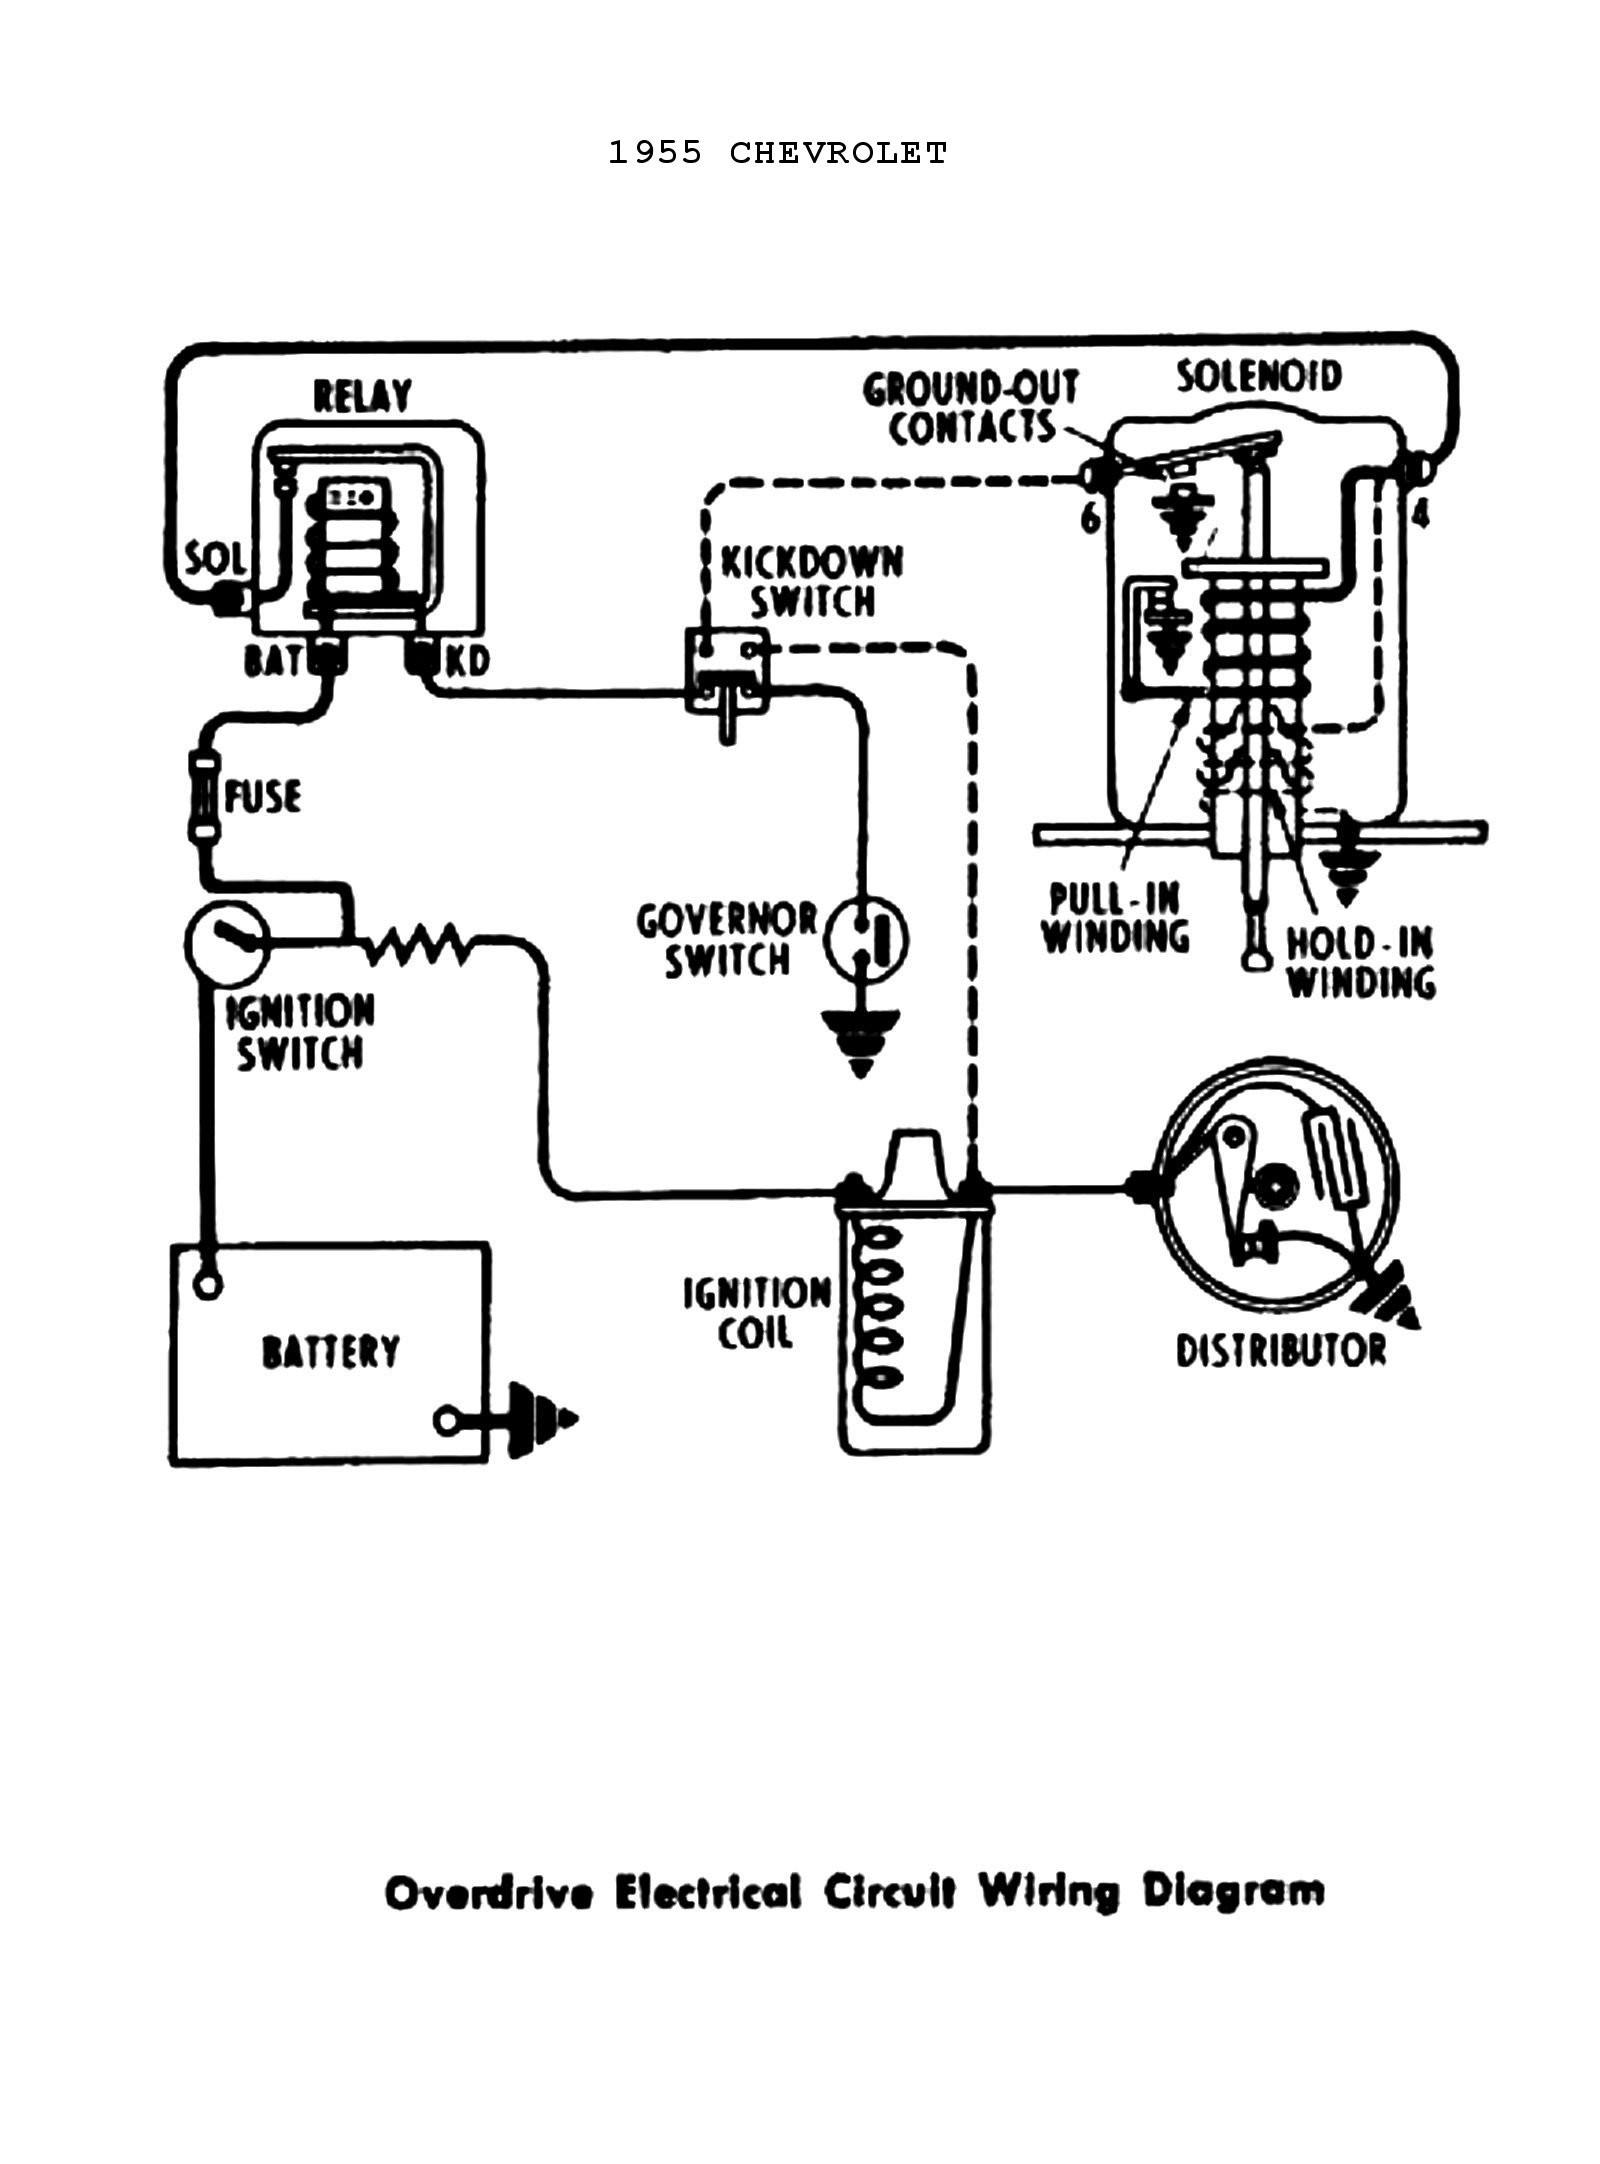 Club car wiring diagram ignition switch wiring diagram wiring rh detoxicrecenze gm wiring harness diagram